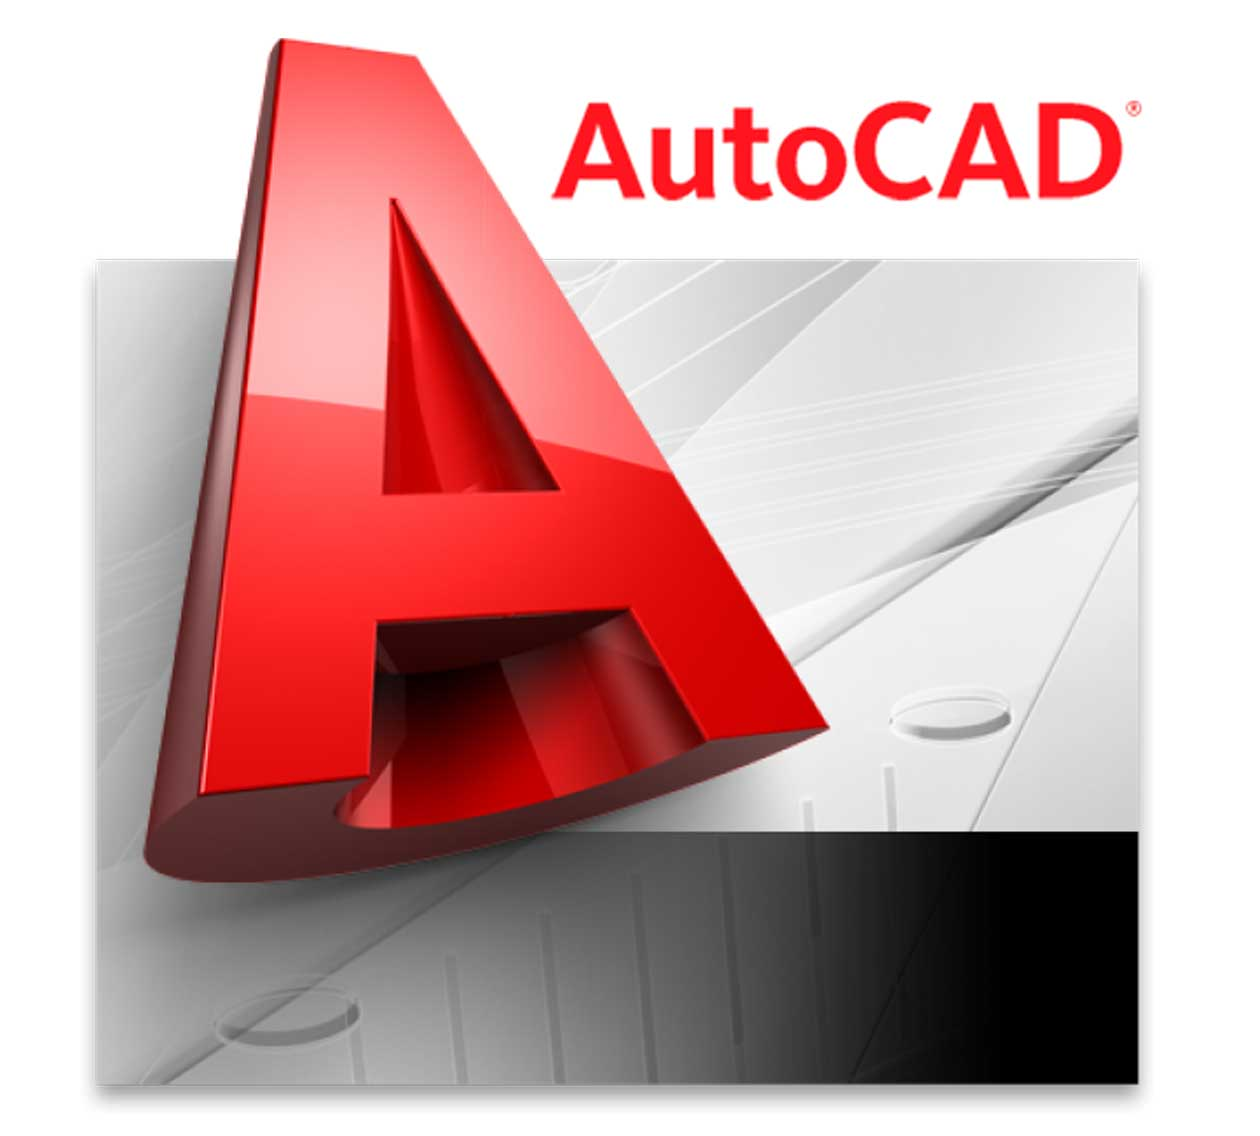 Autodesk Autocad 2016 Full + Crack